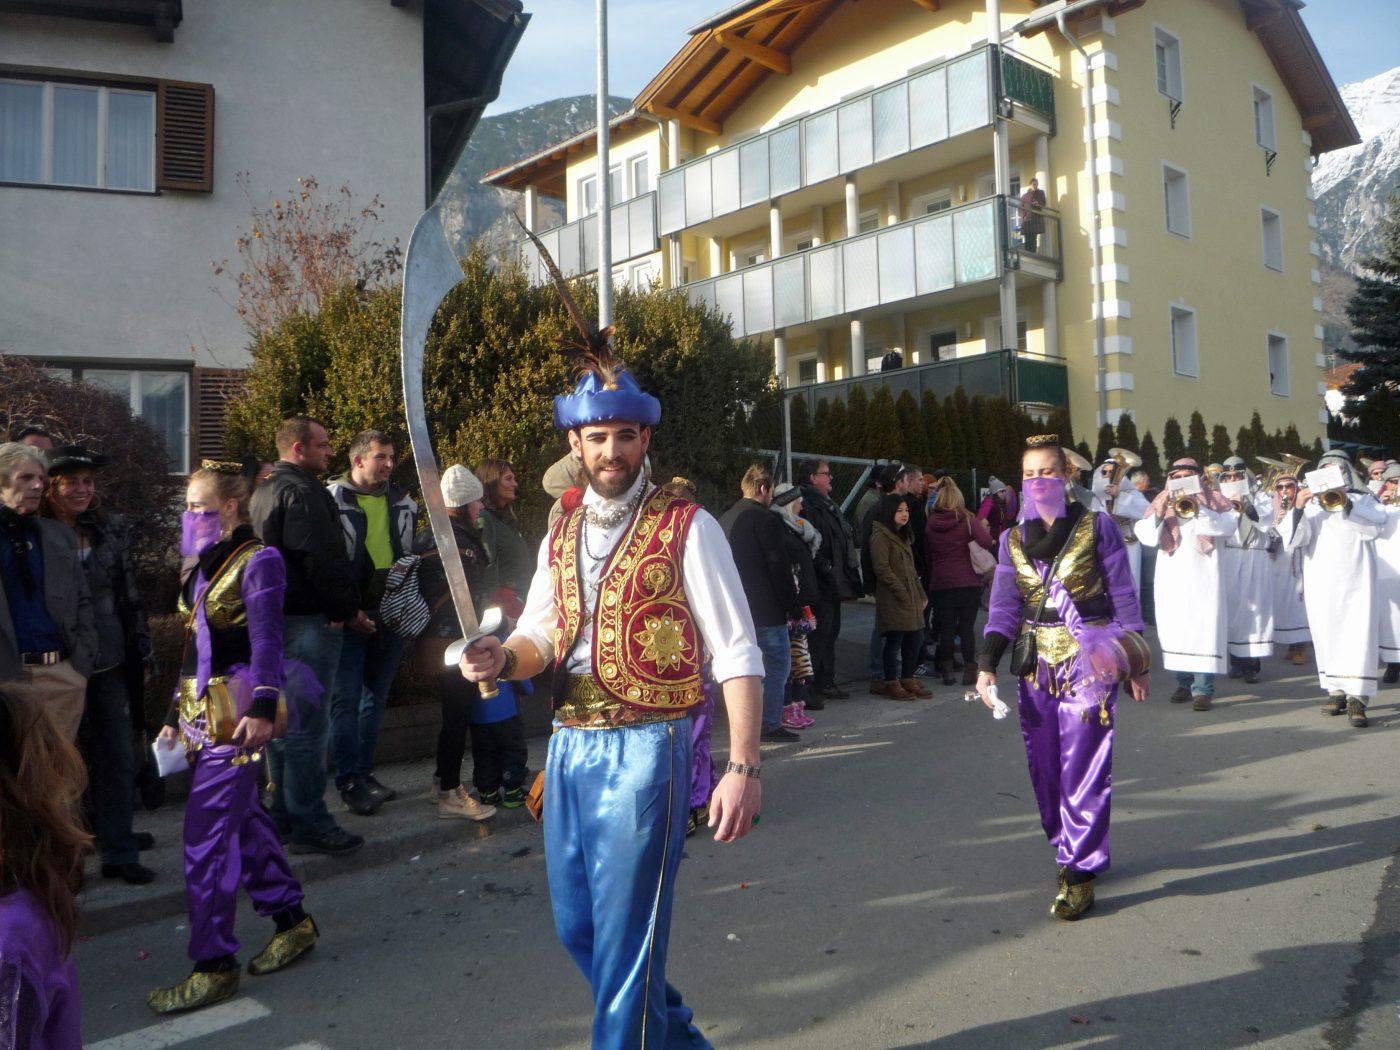 Der fesche Kalif führt die Scheich-Musikkapelle an!